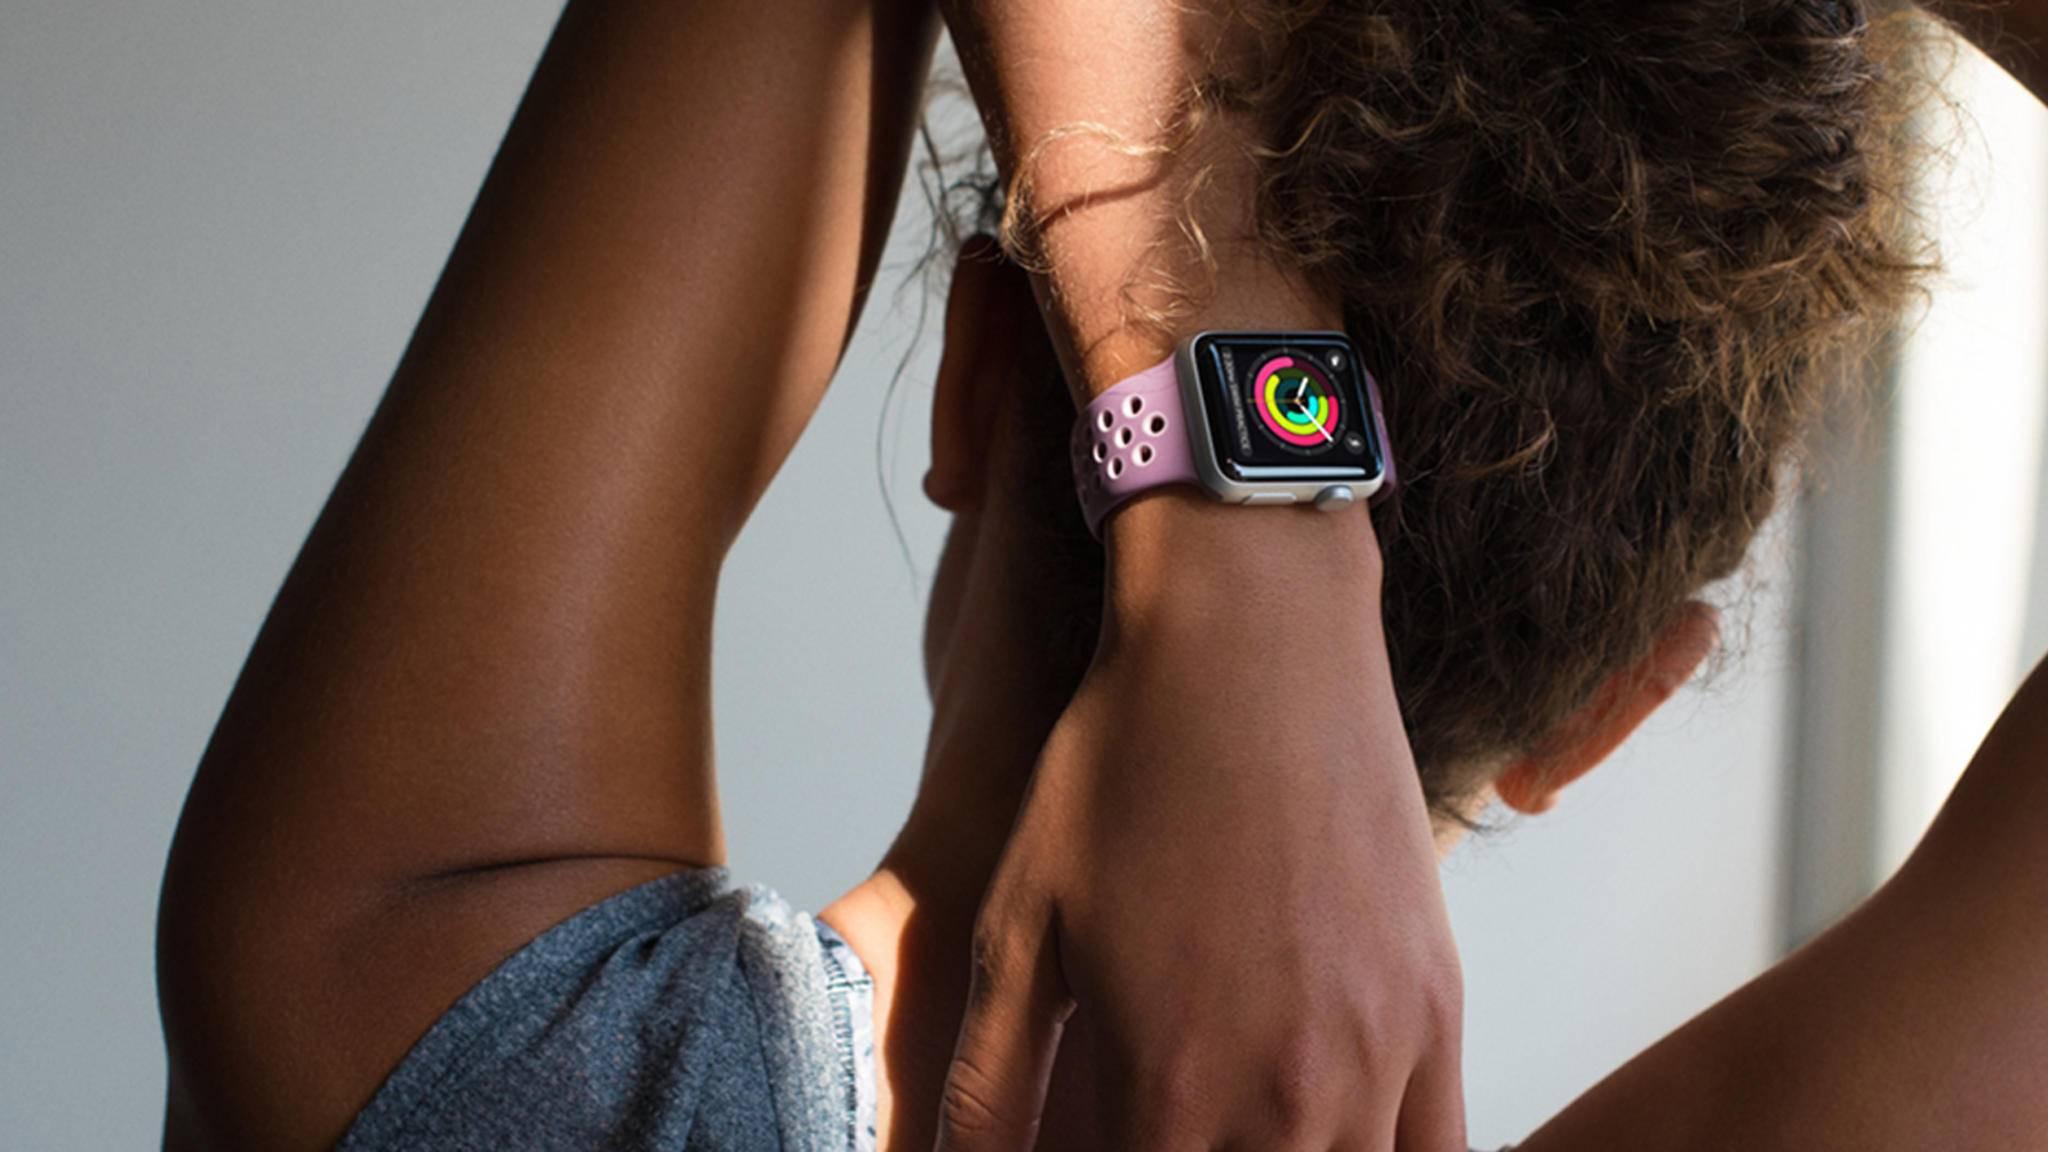 Apple dehnt seine Ambitionen offenbar auch auf eigene Gesundheits-Chips aus.